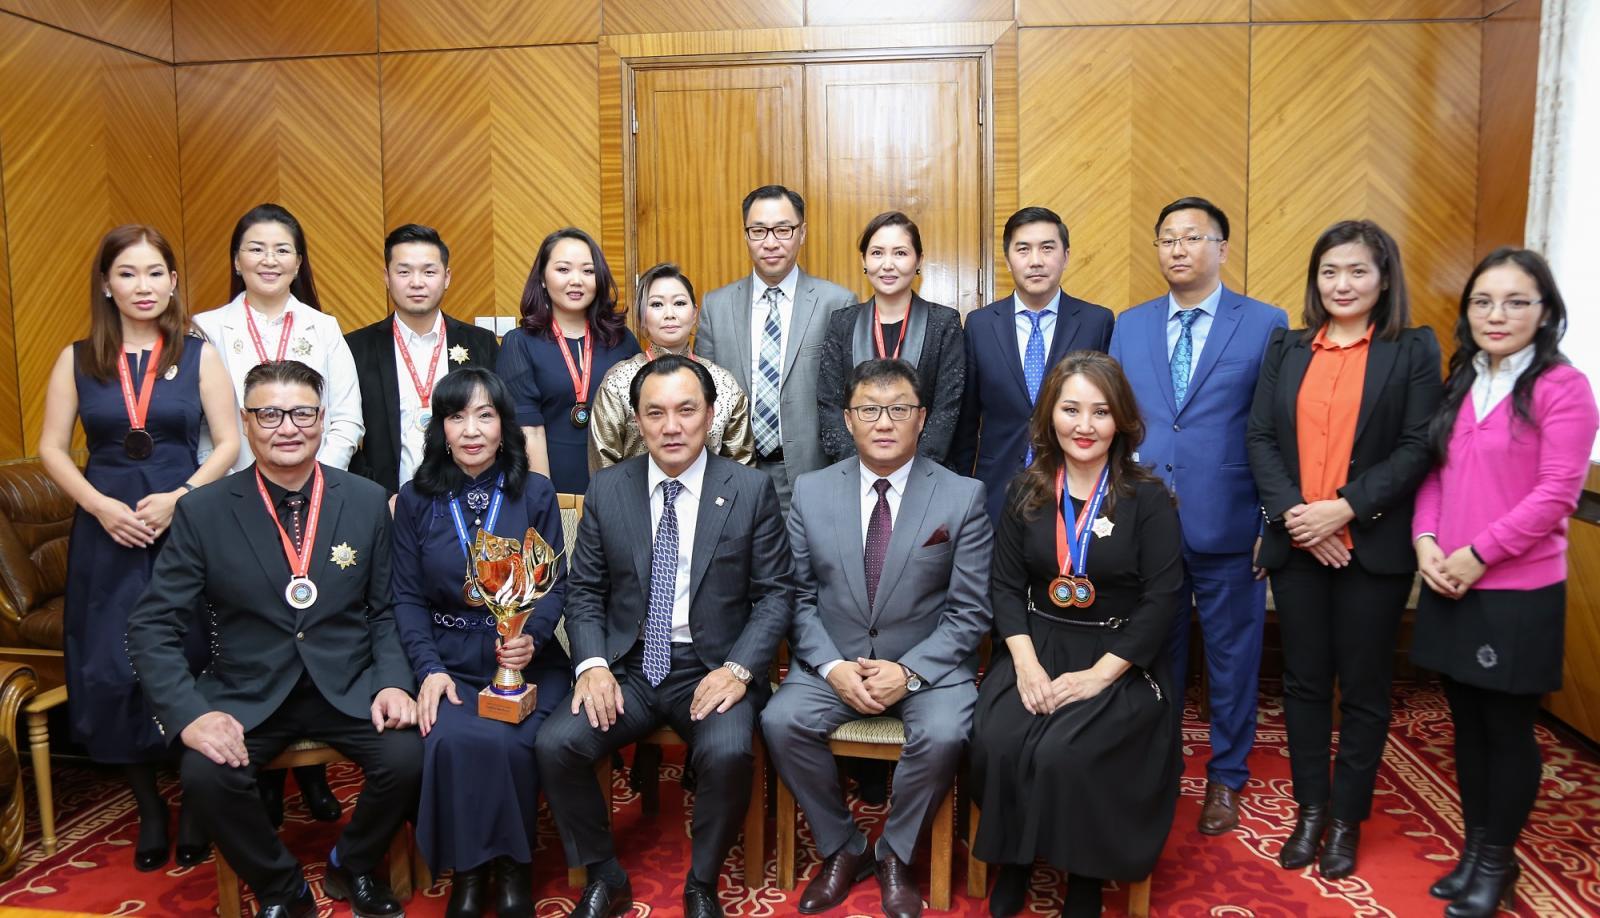 Үсчин, гоо засалчдын ДАШТ-аас алтан цом хүртсэн Монголын шигшээ багийнхныг шагналаа